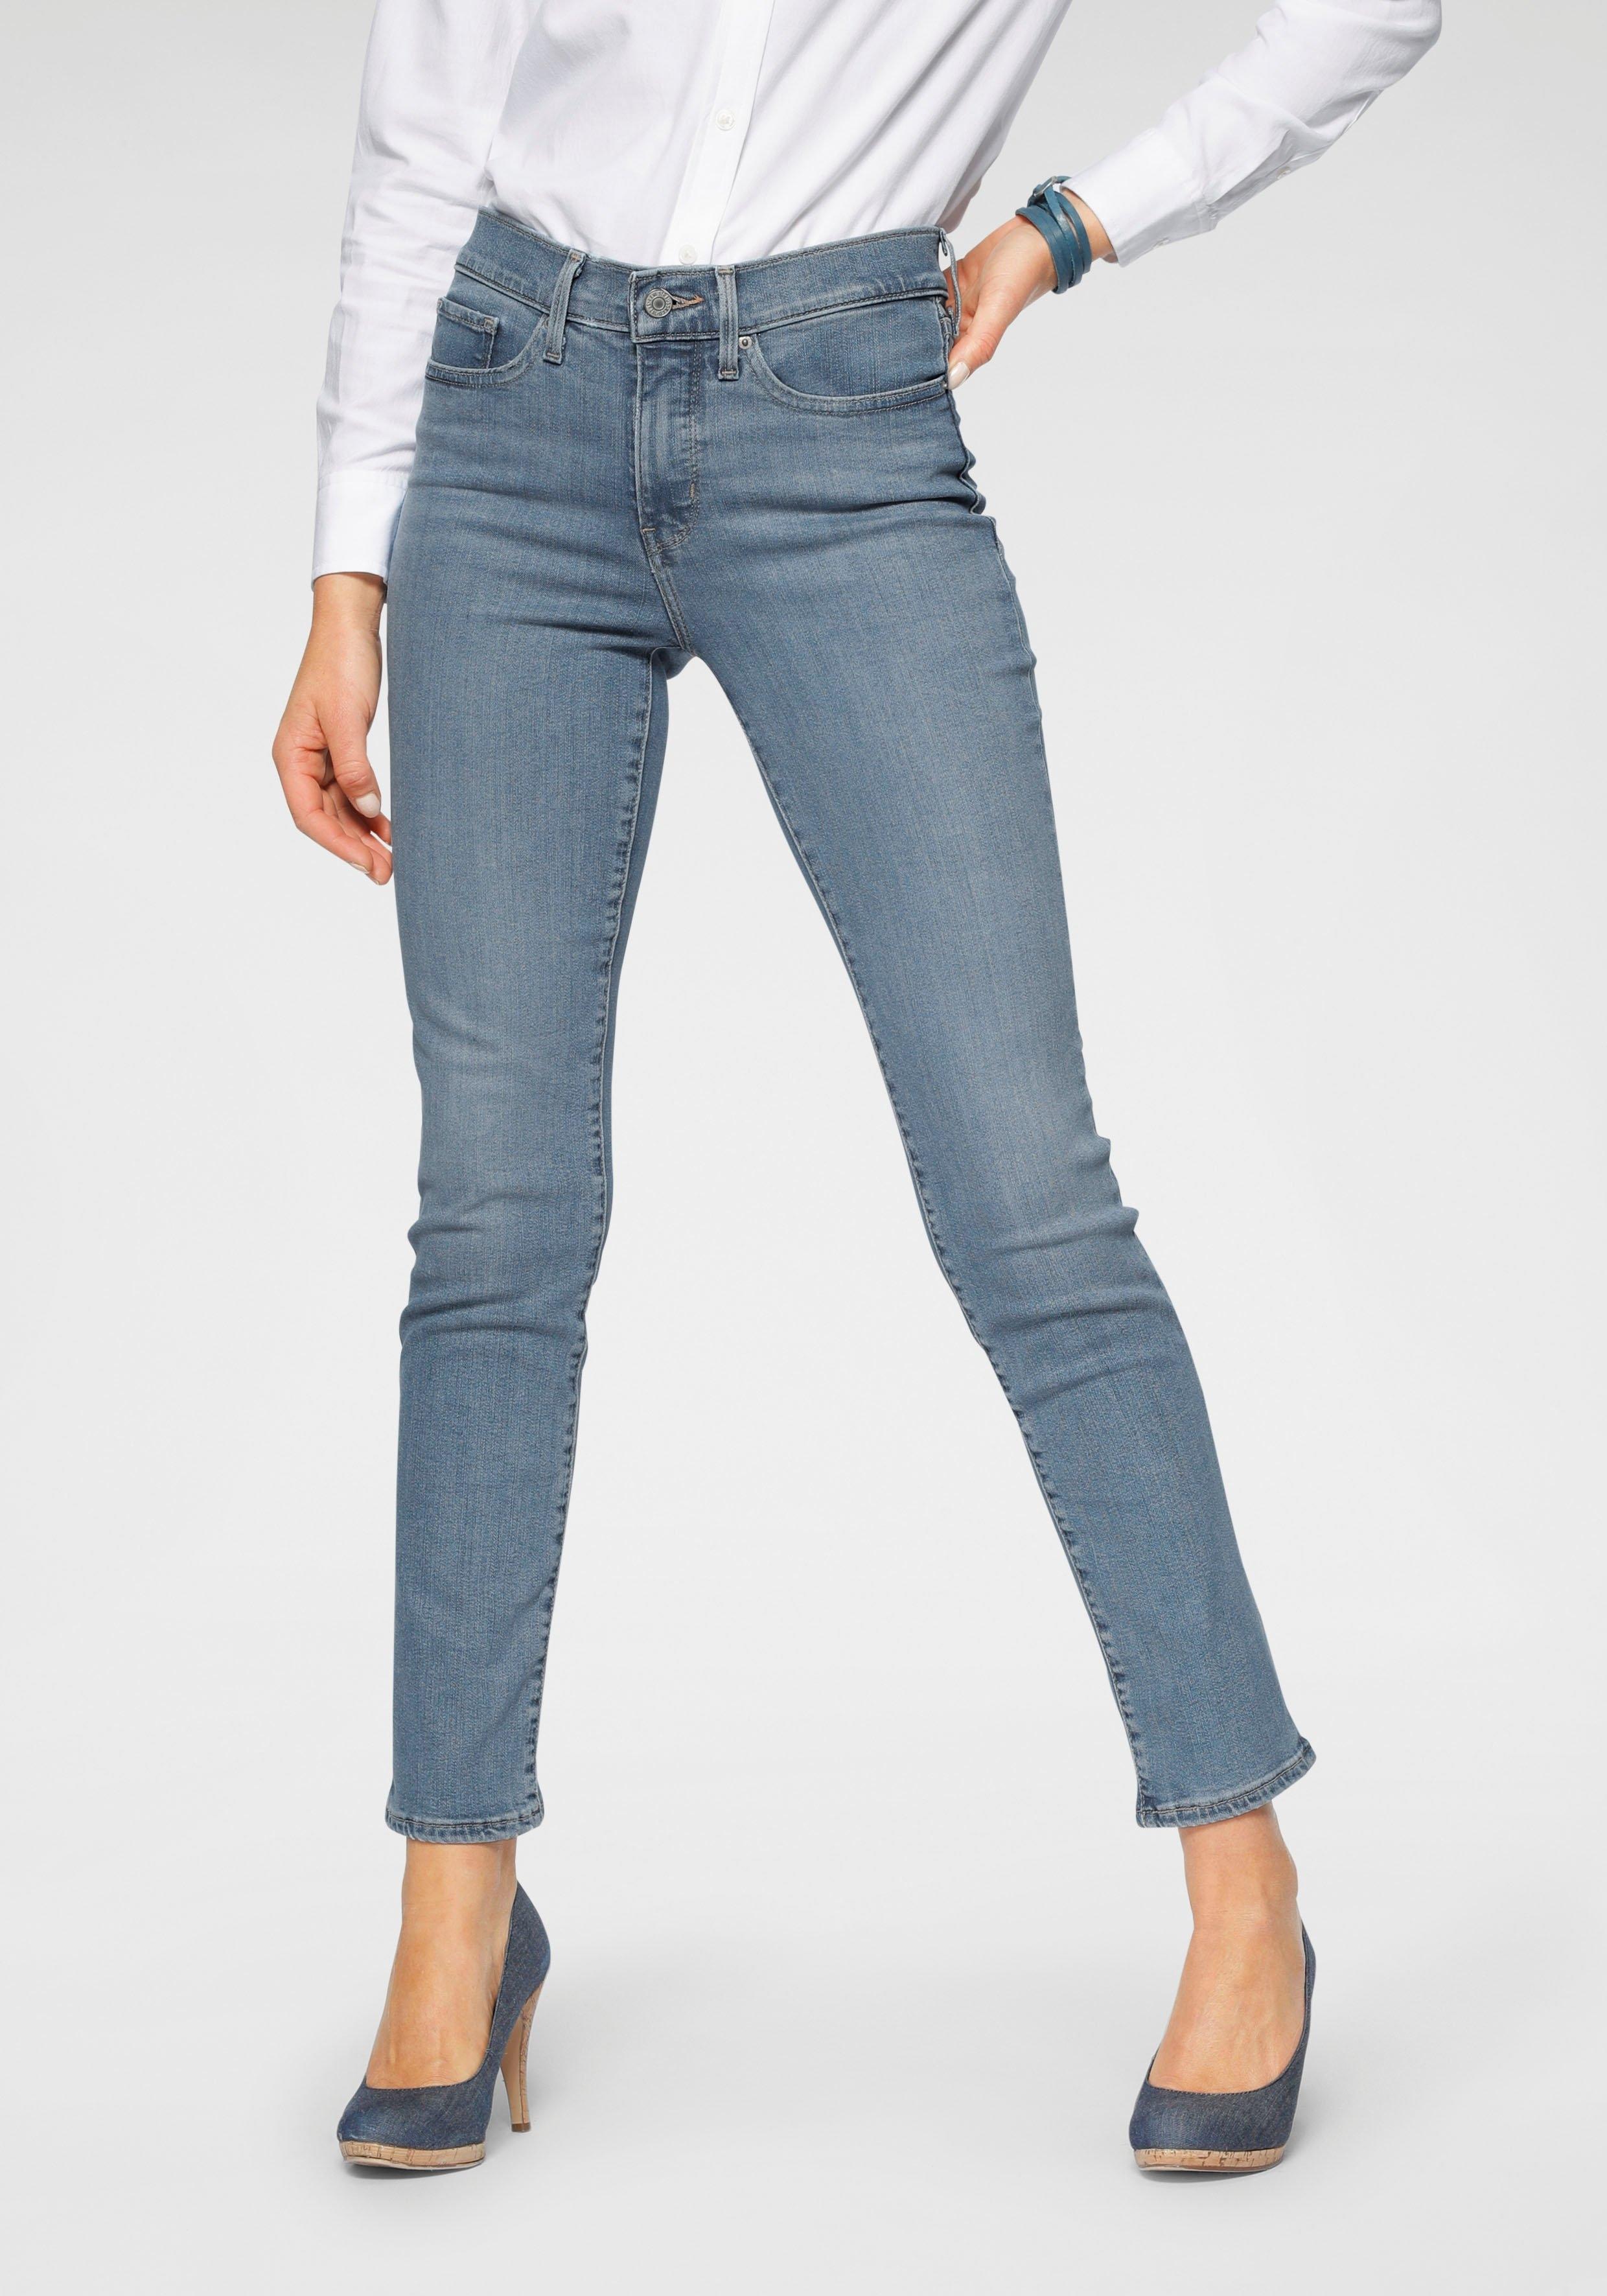 Levi's Slim Fit-jeans voordelig en veilig online kopen